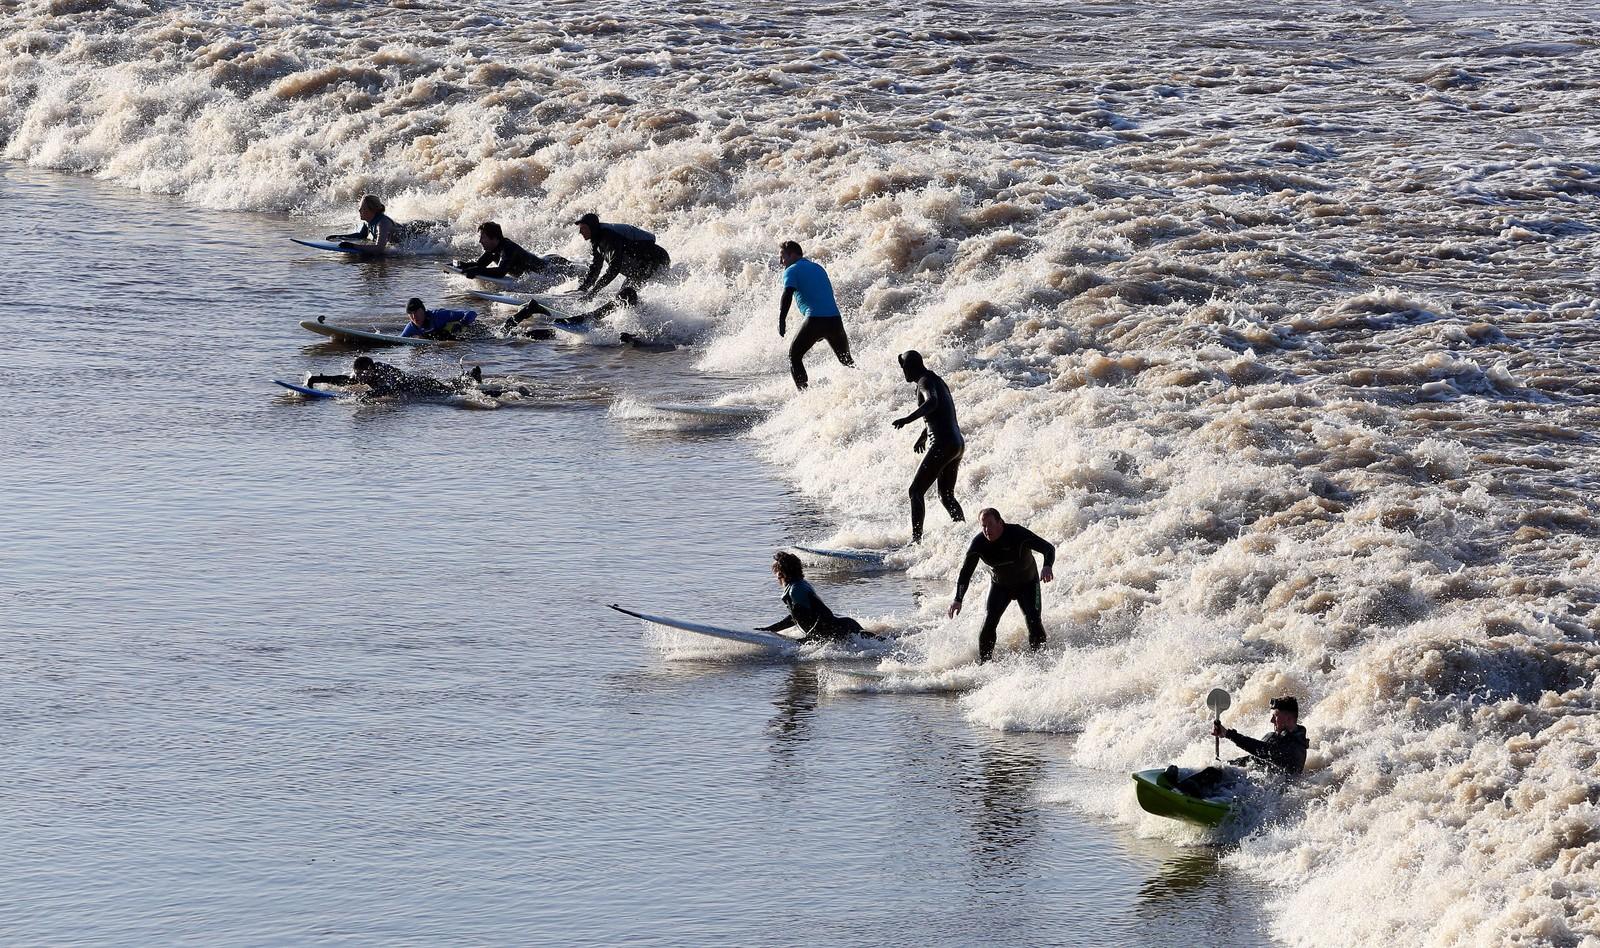 Surfere benyttet seg av sjansen til å få en uvanlig god bølge på grunn av solformørkelsen.